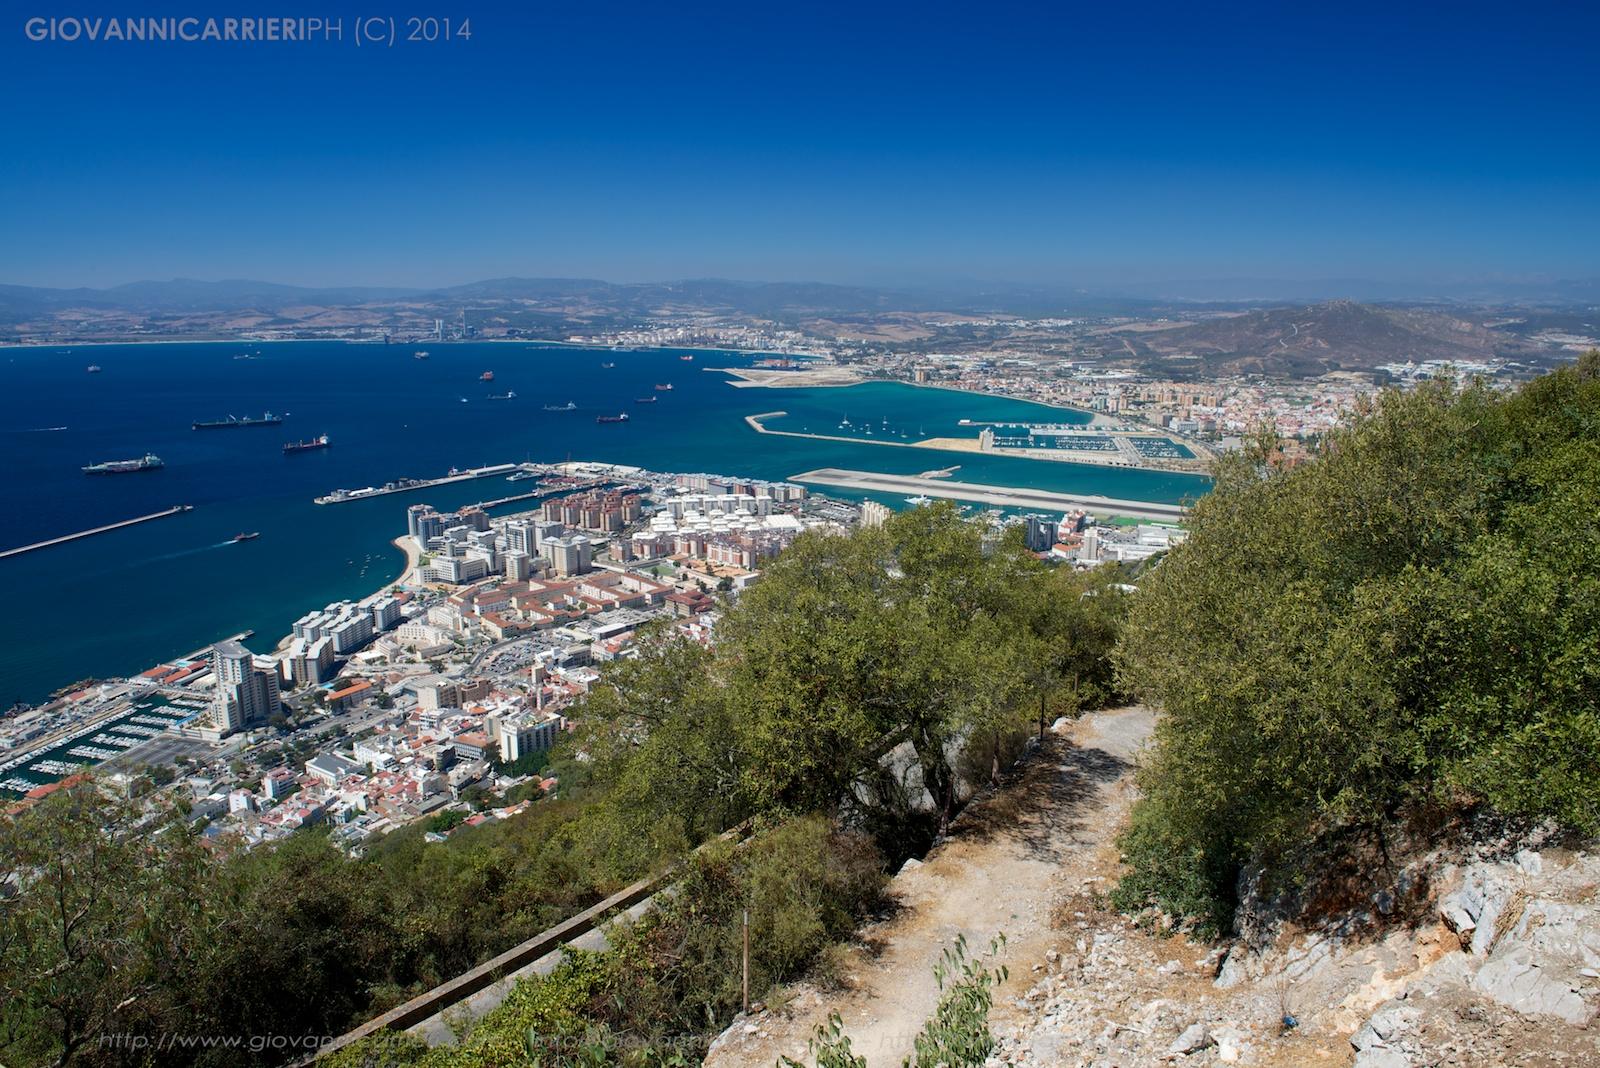 La baia di Gibilterra